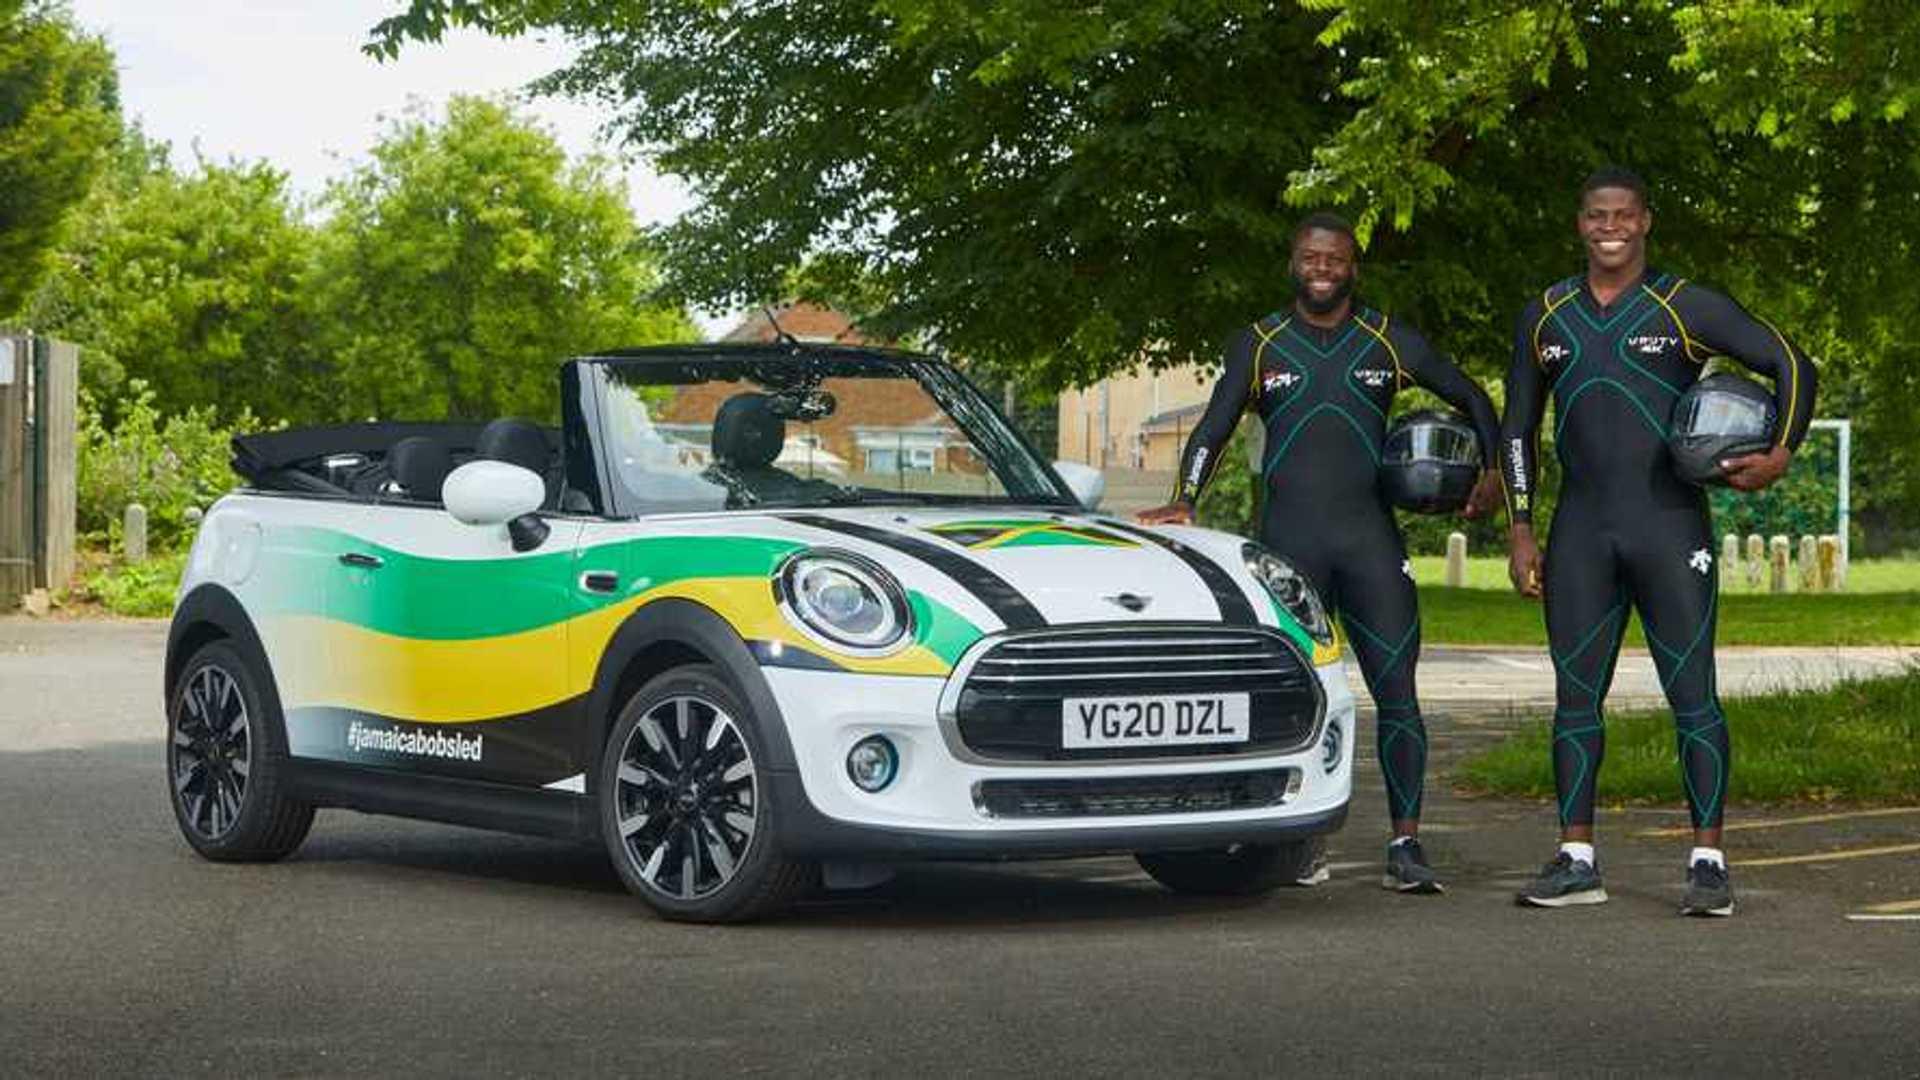 El equipo jamaicano de bobsleigh se entrena con un MINI Cabrio